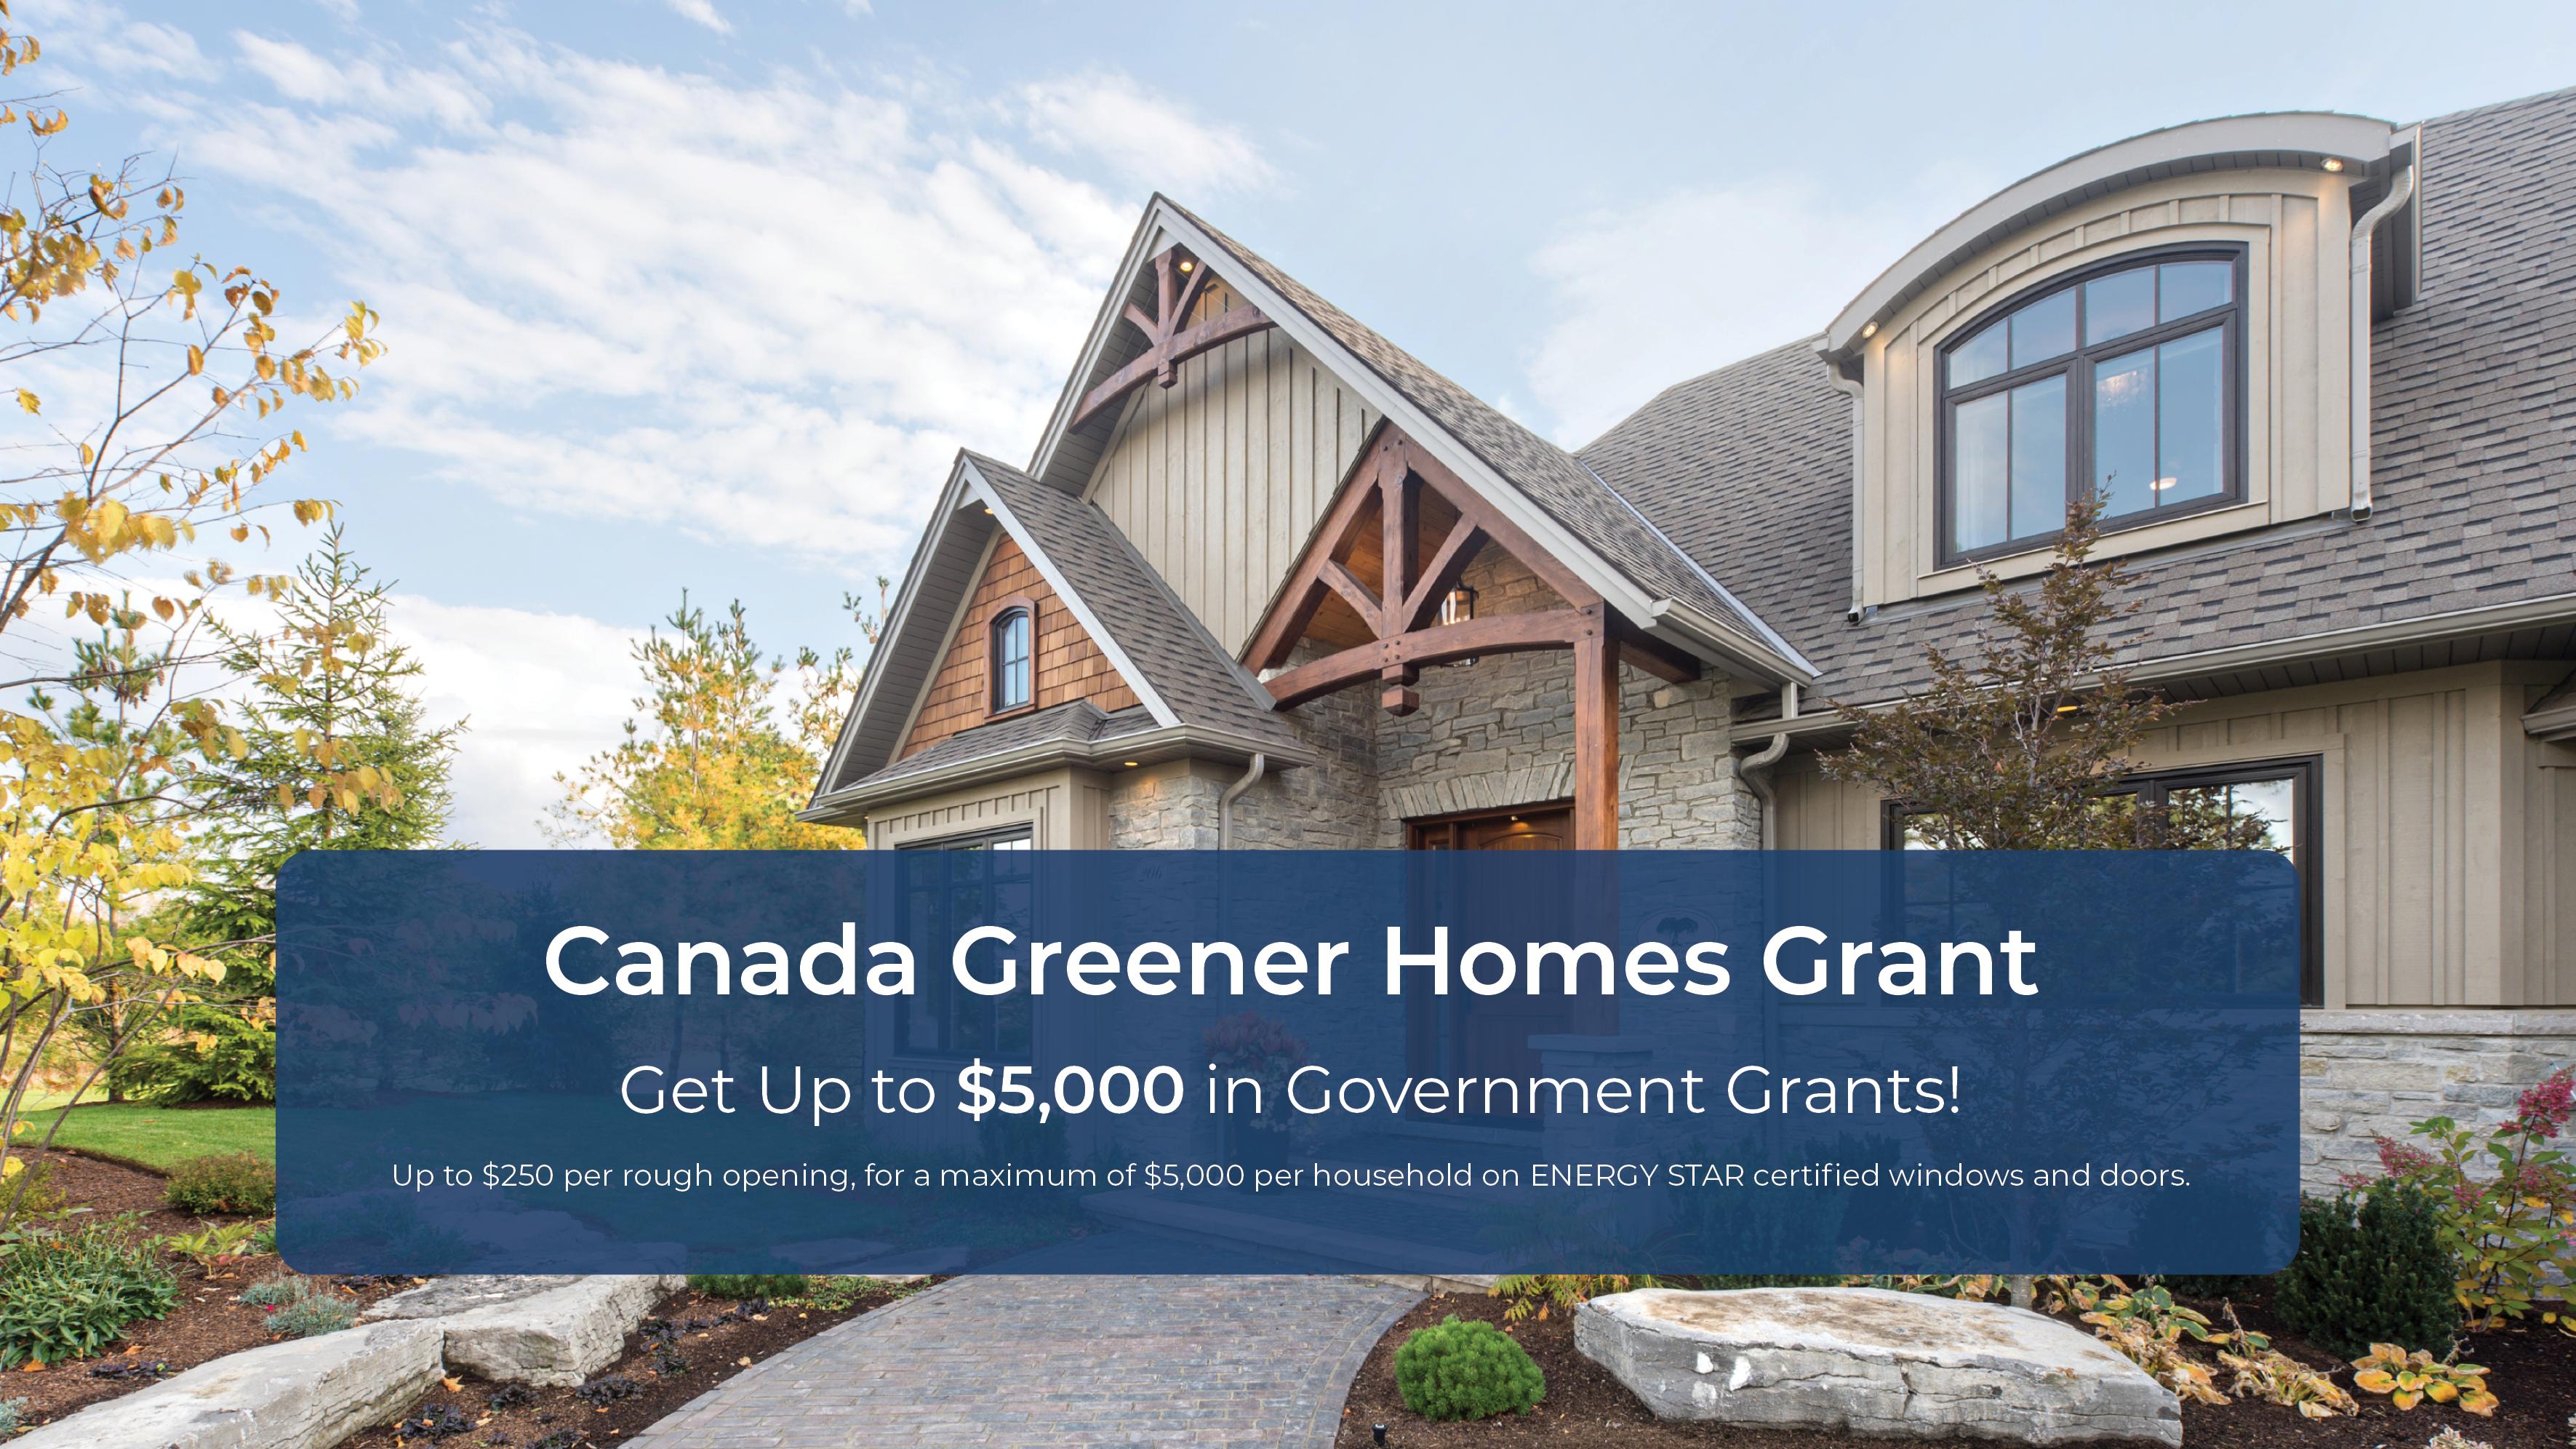 Green Ontario rebate promotional information